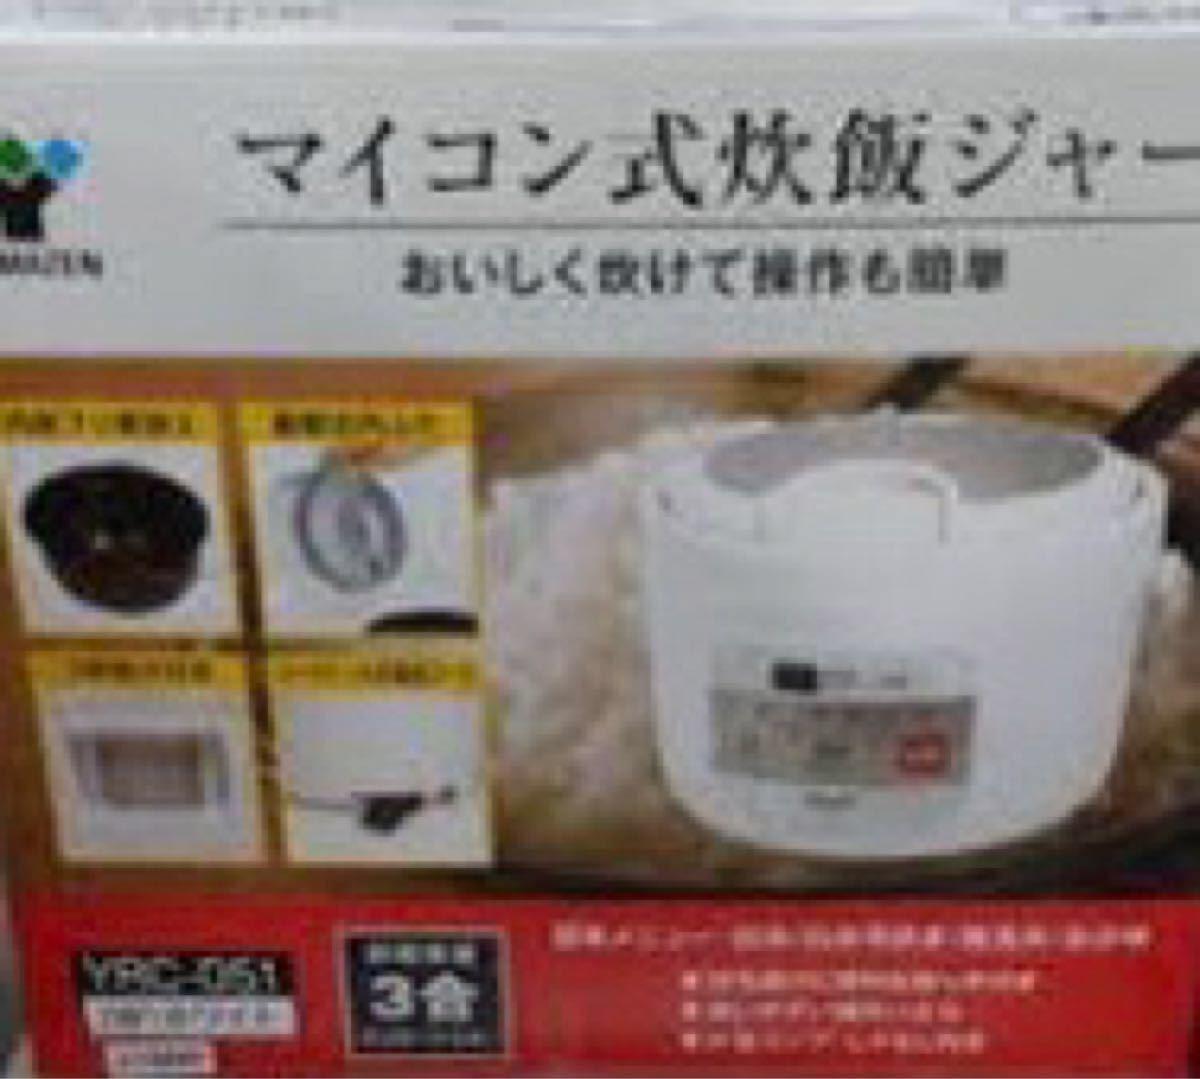 ◆ 山善(YAMAZEN) マイコン式炊飯ジャー 炊飯器 3合